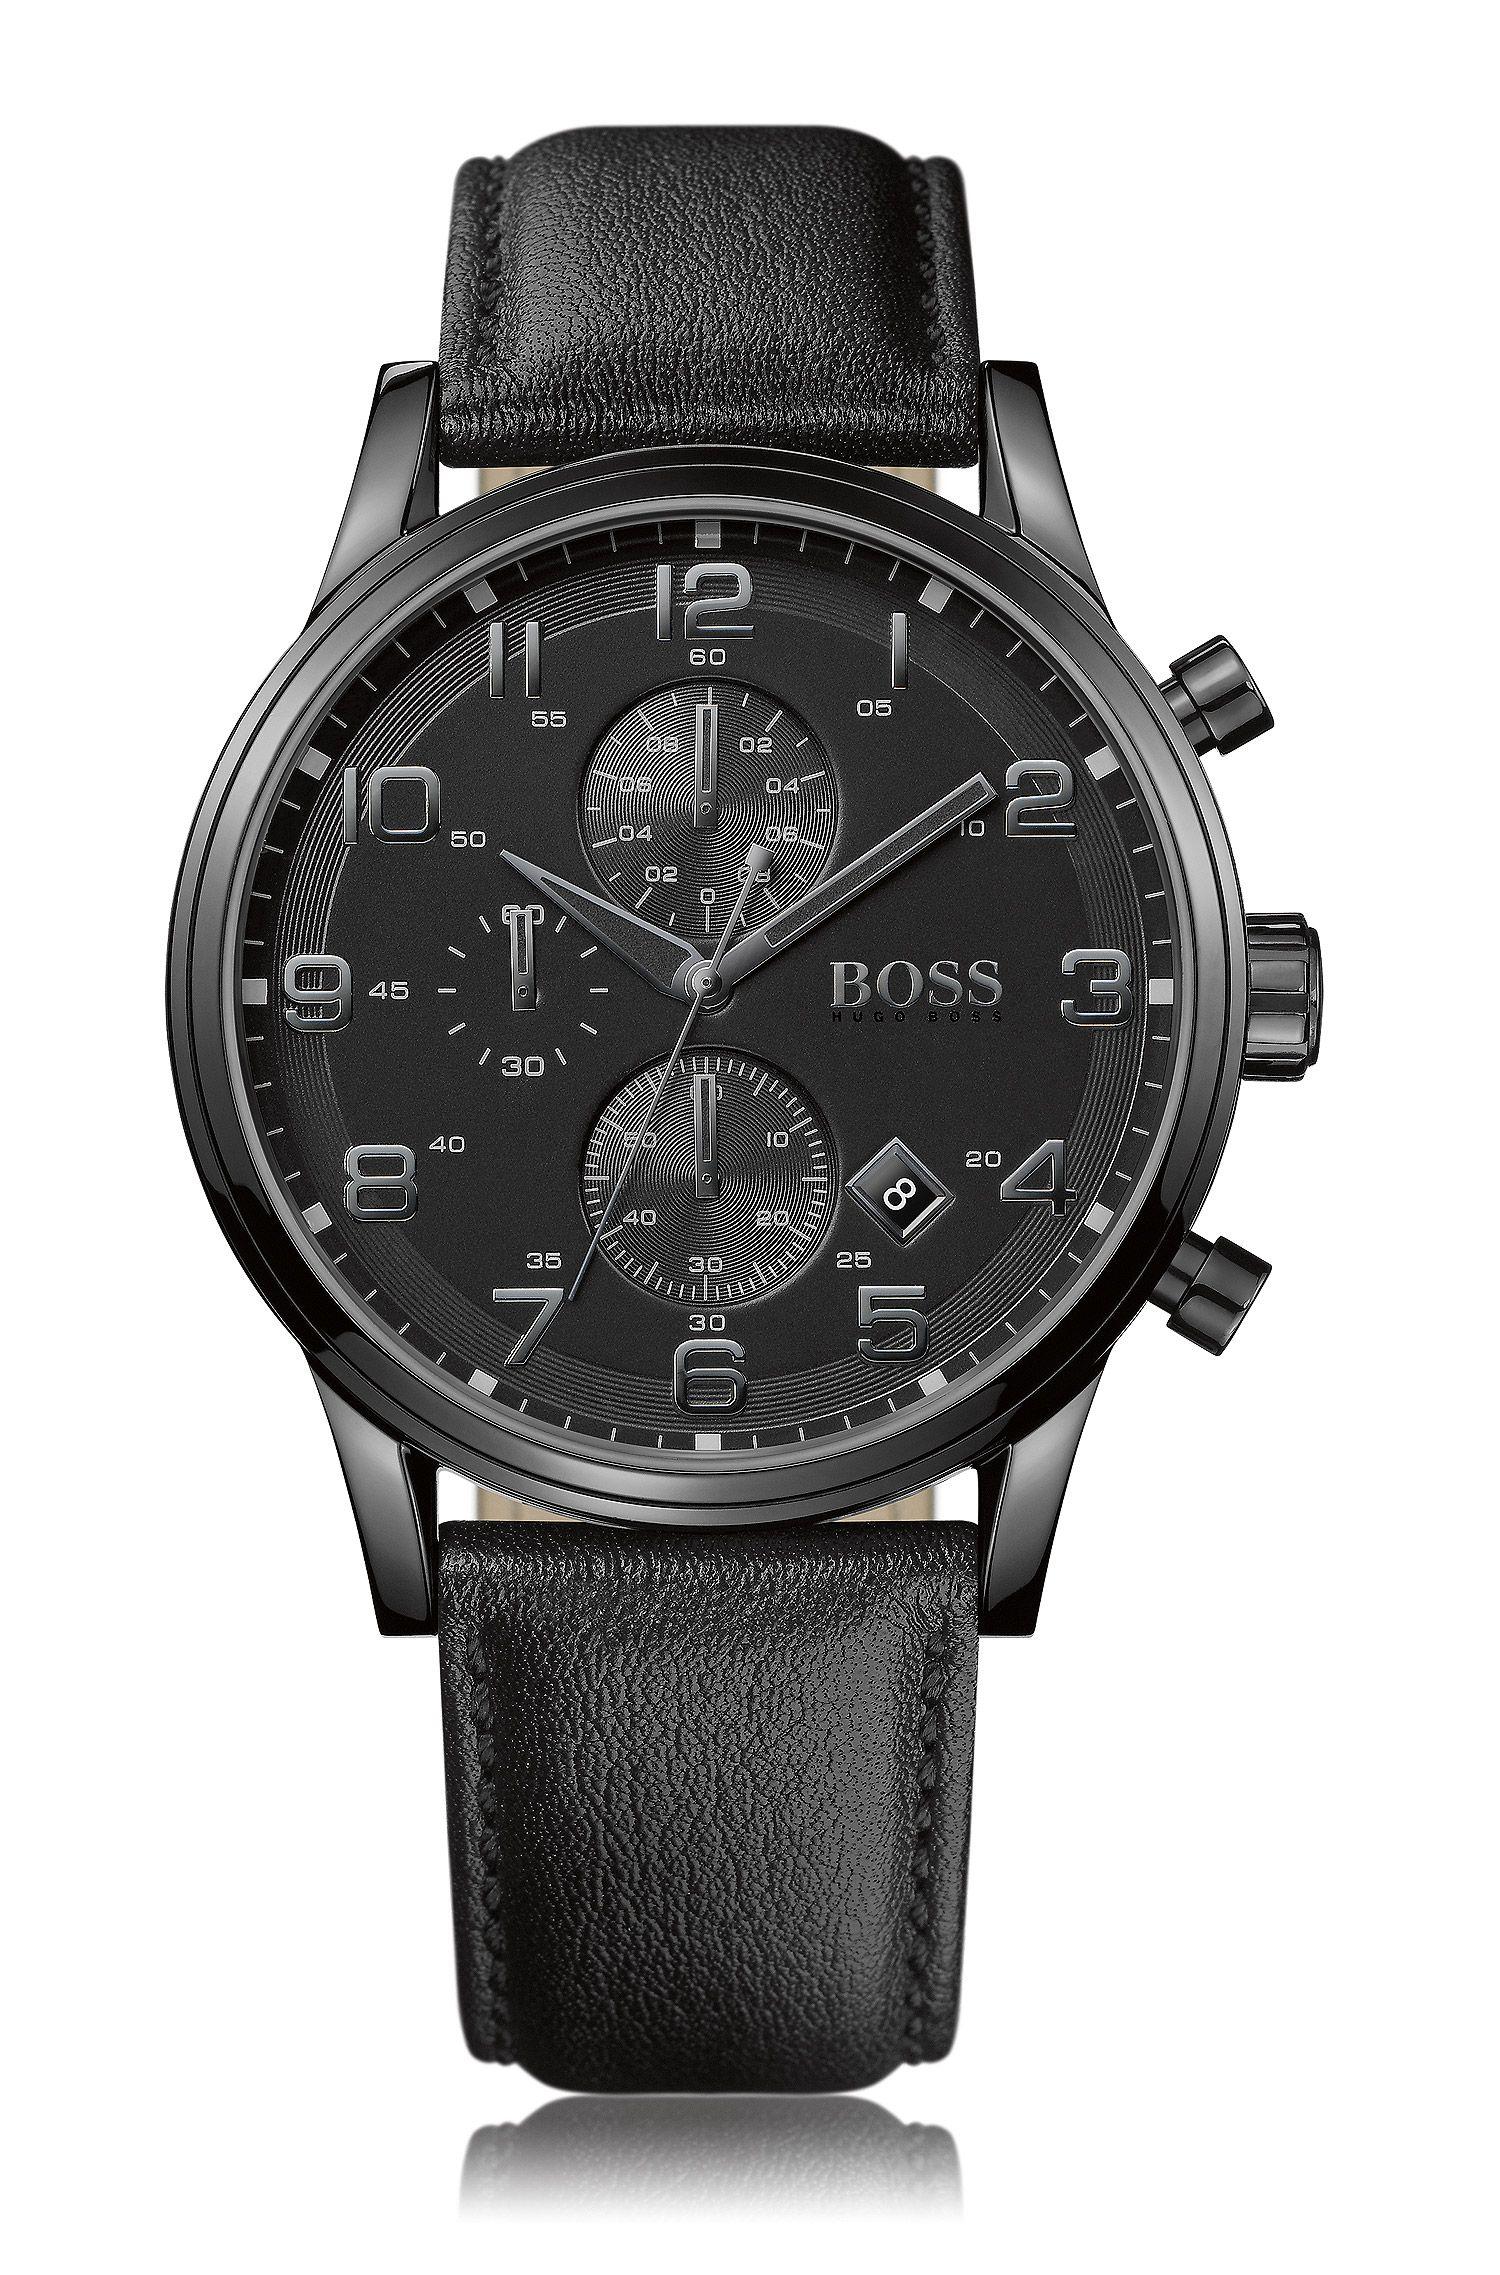 Cronografo a due contatori in acciaio inox placcato nero con quadrante nero